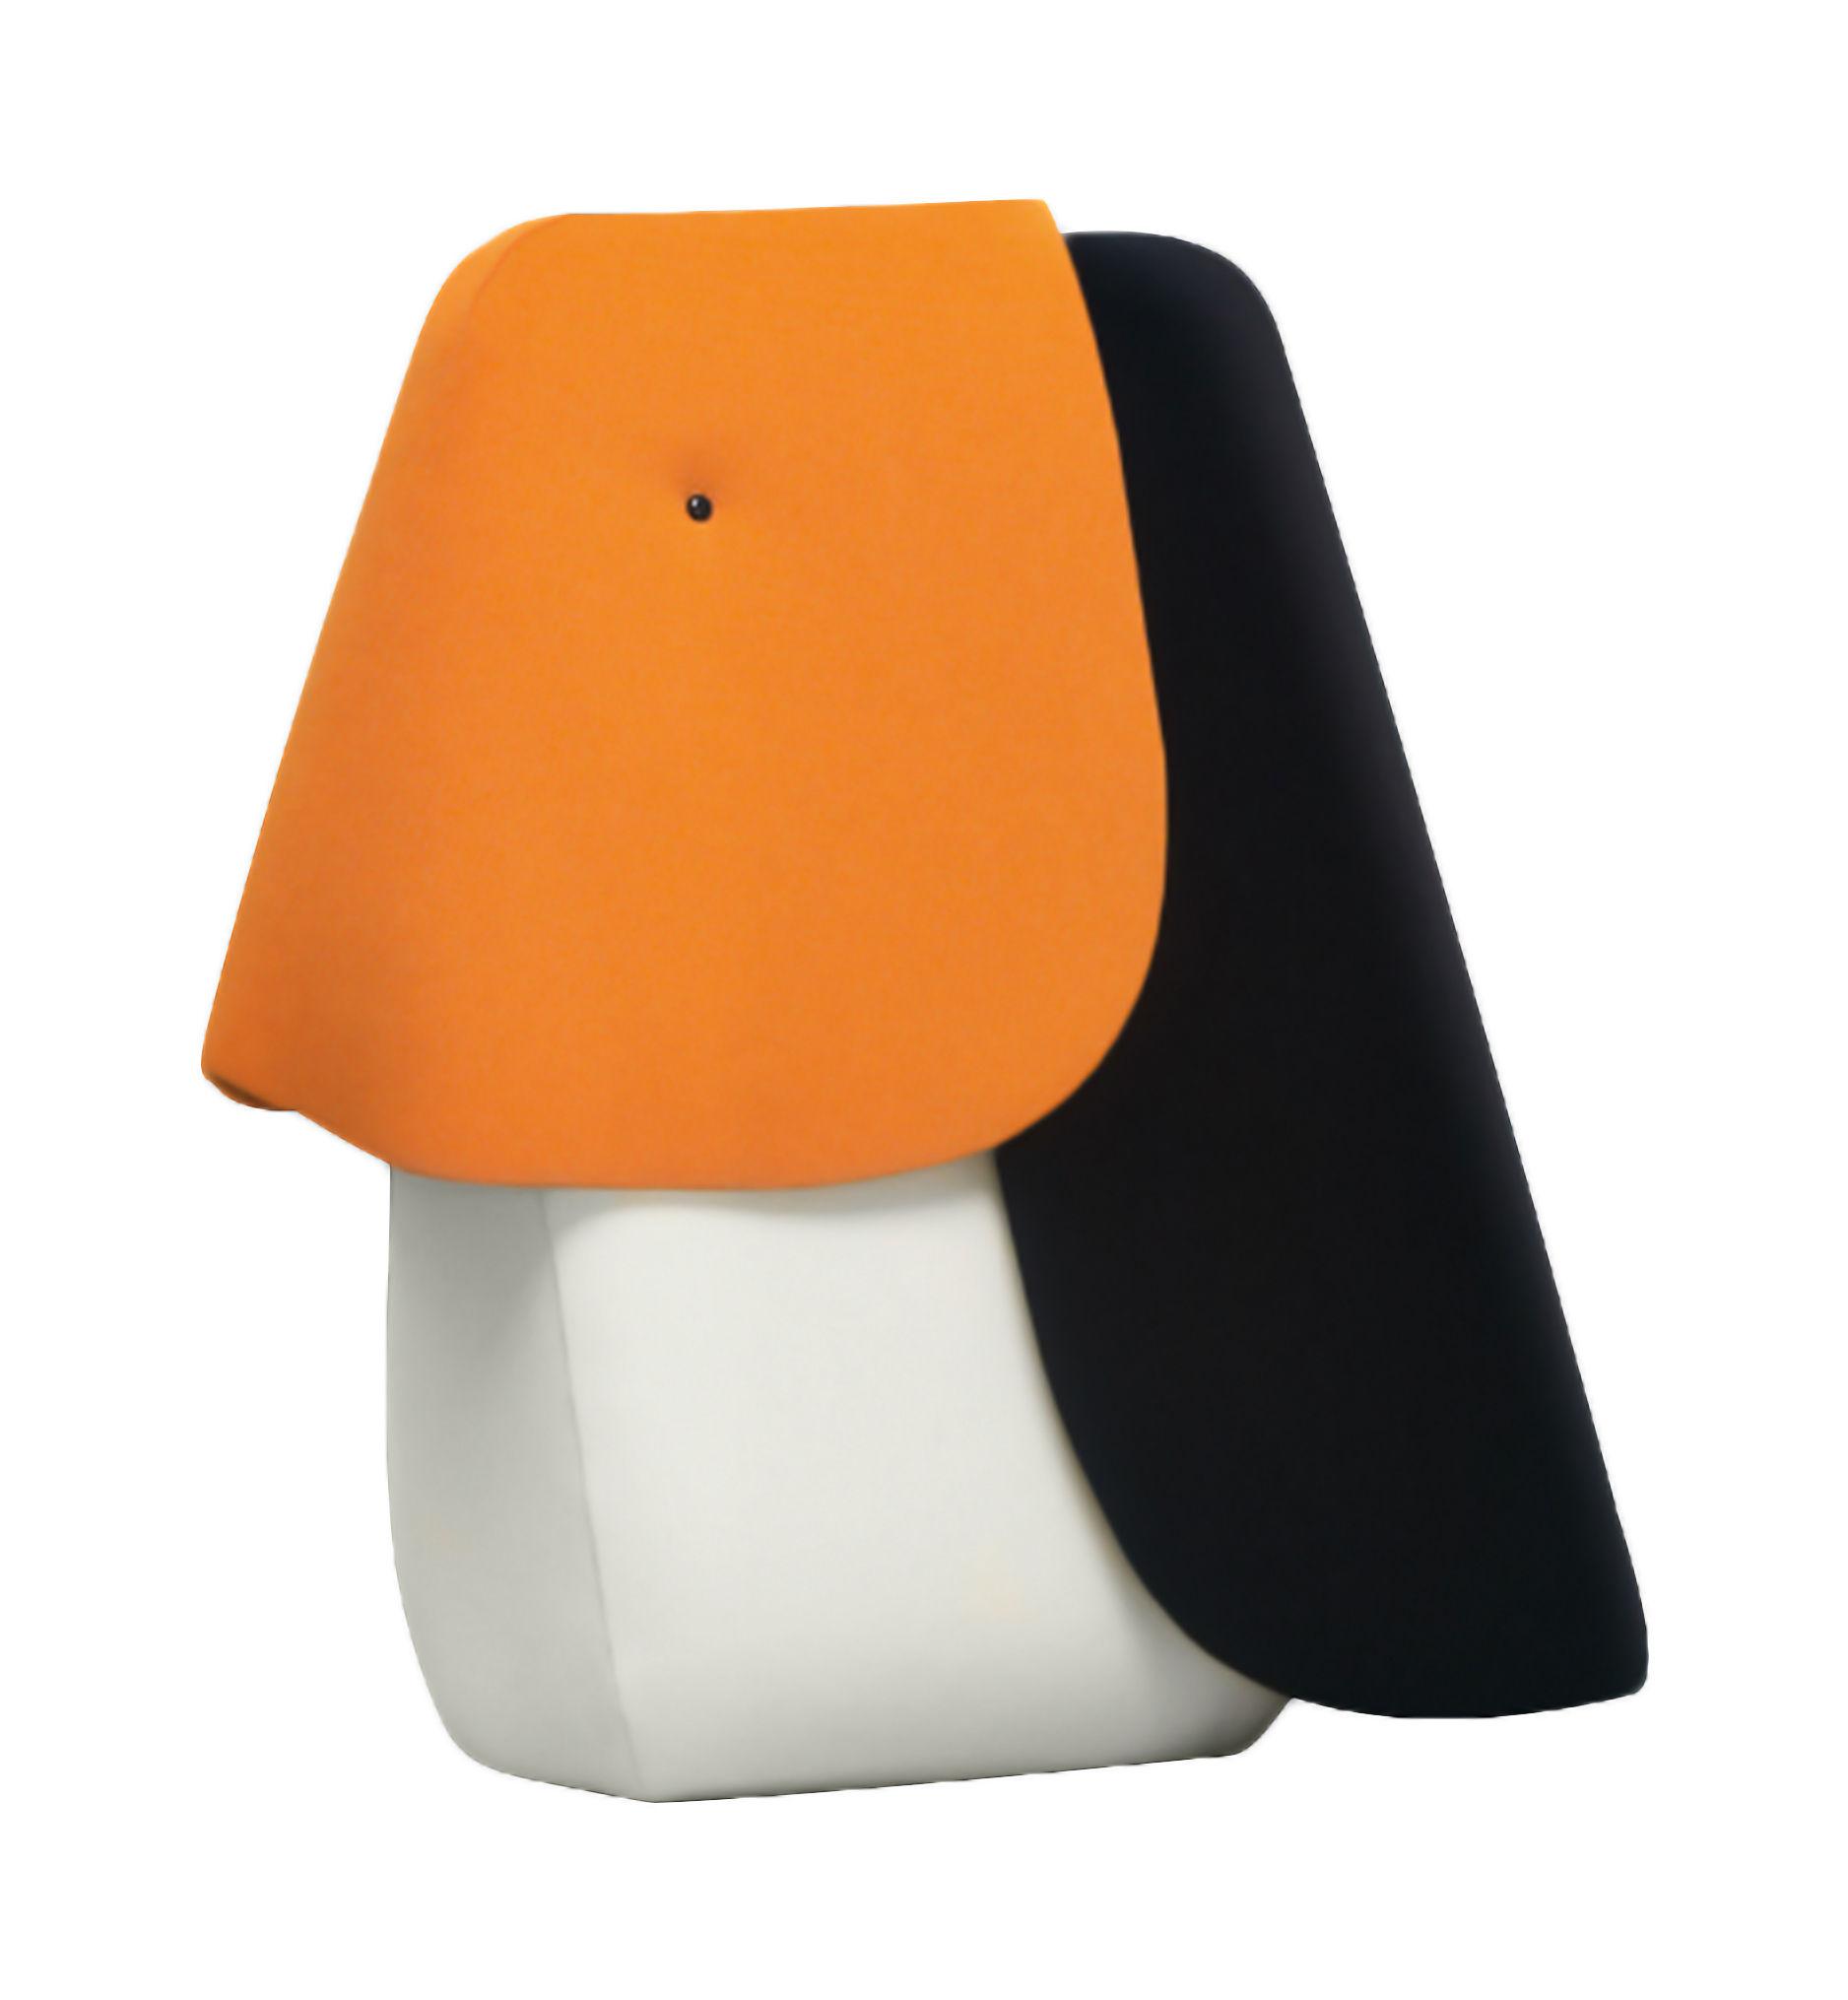 Déco - Pour les enfants - Coussin Toucan Mini / L 14 x H 33 cm - Elements Optimal - Orange, Noir, Blanc - Mousse, Tissu Kvadrat